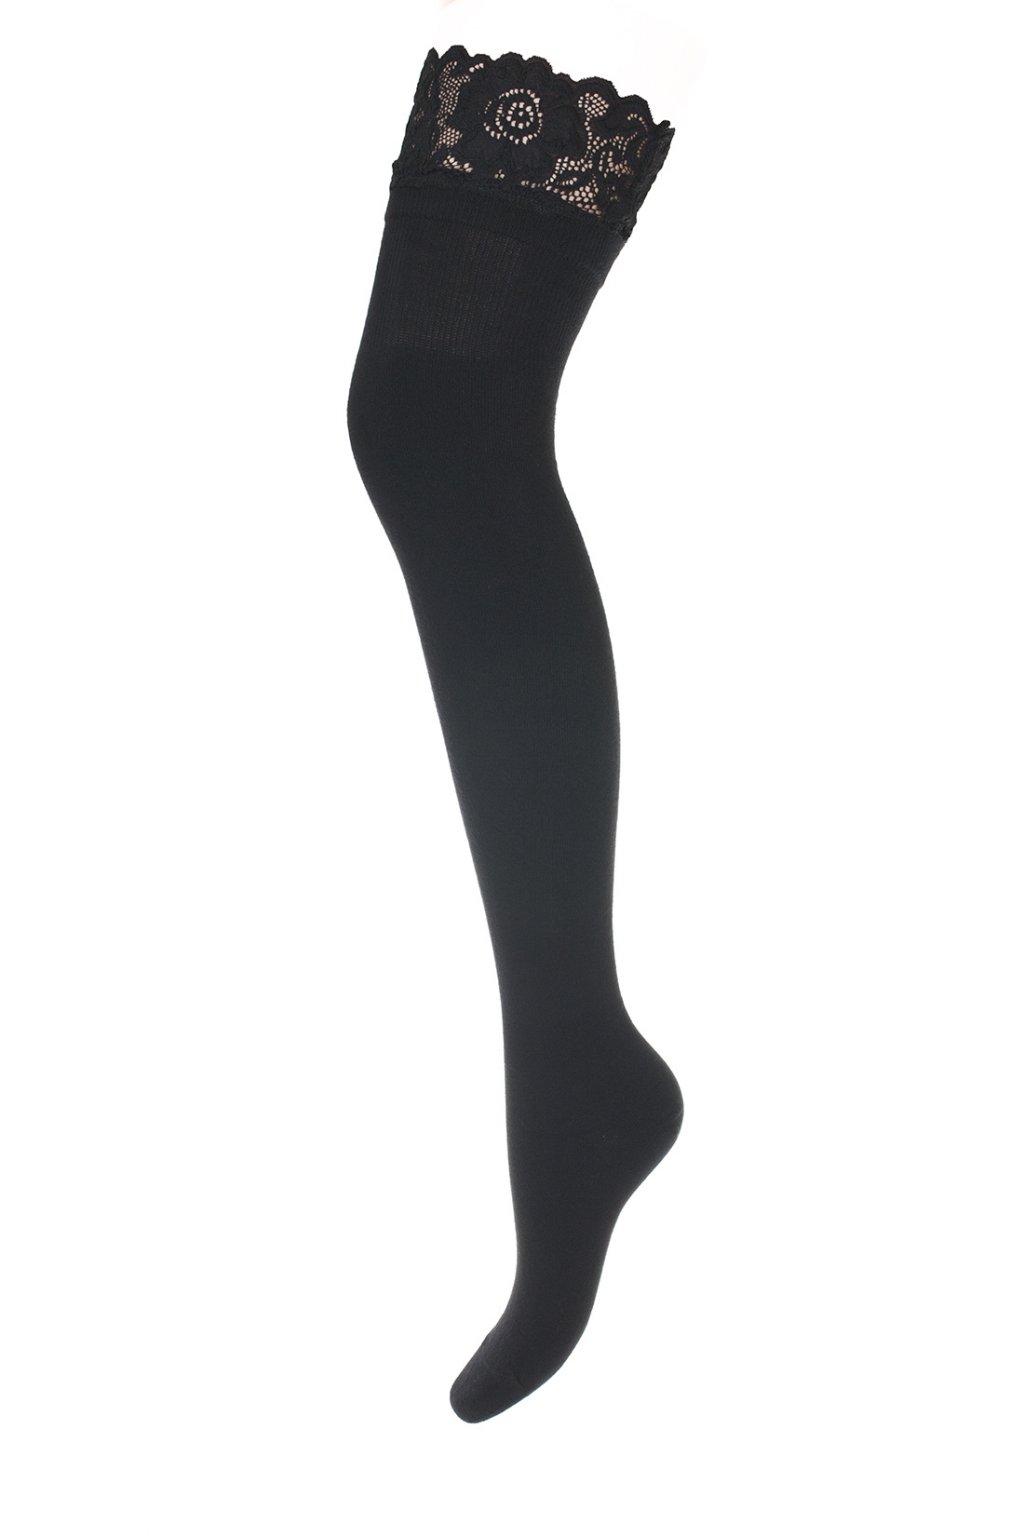 cribs, nadkolienky s krajnou, klasické nadkolienky, pančušky, ponožky (1)